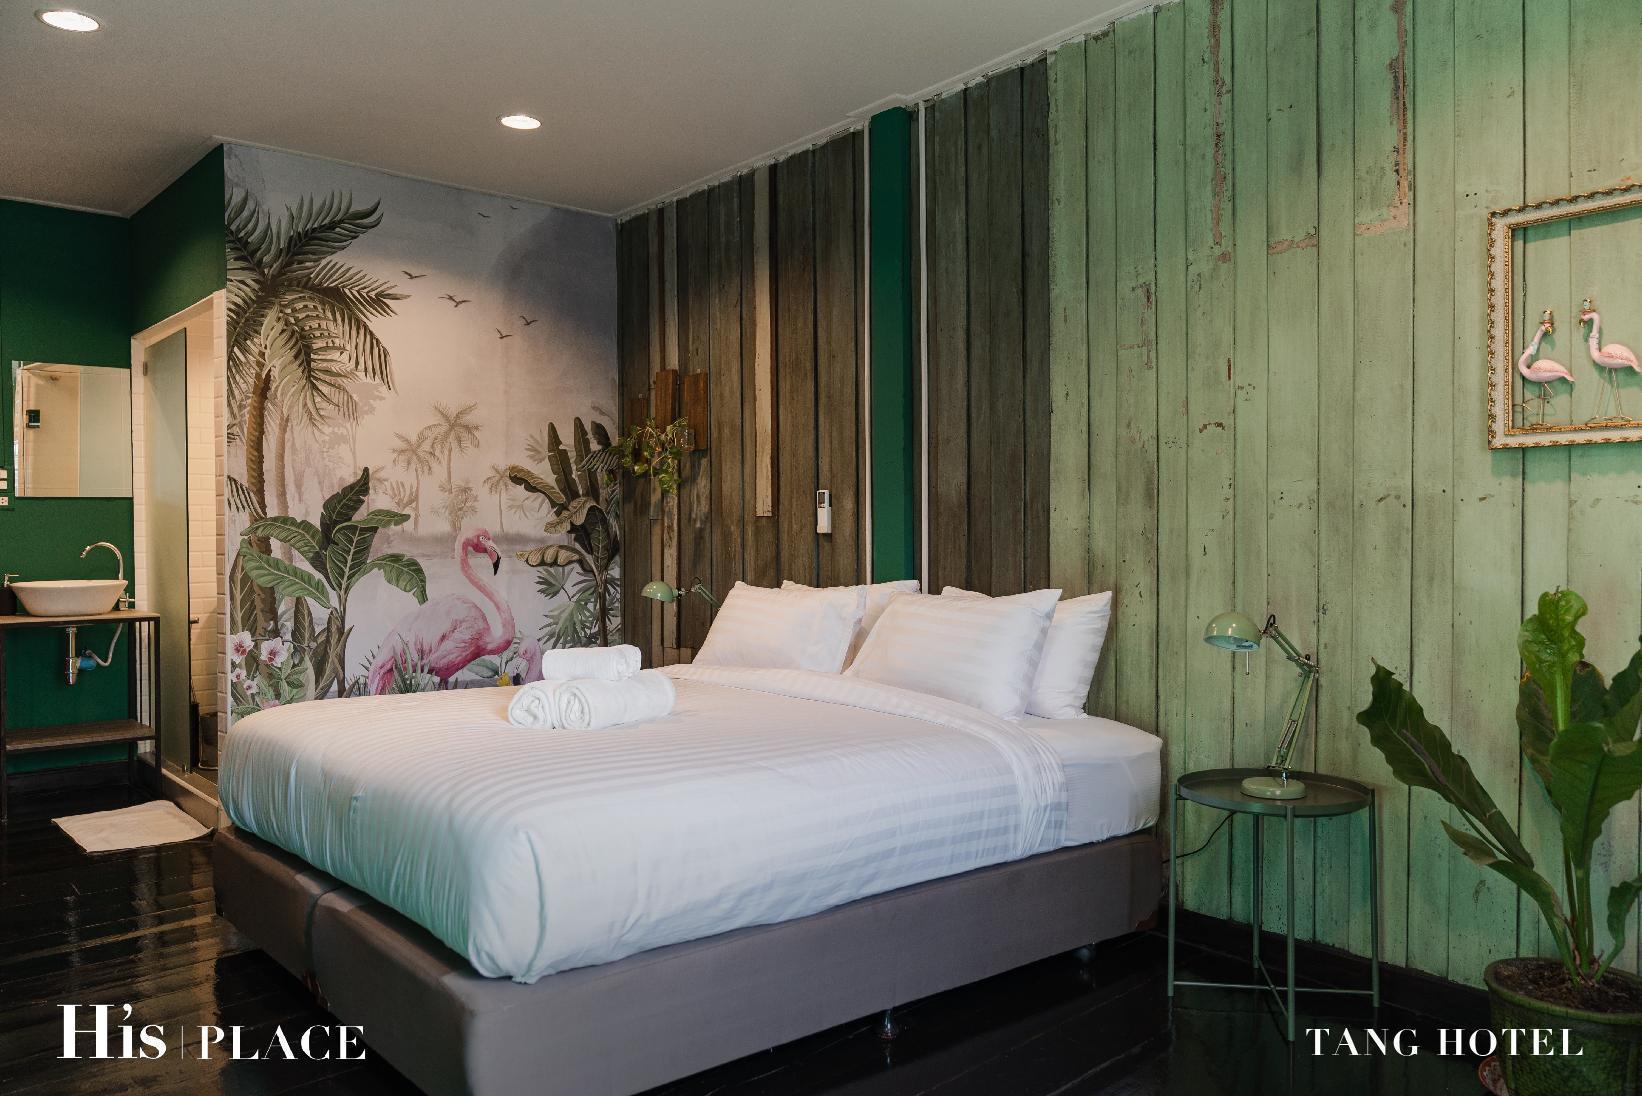 Tang House  - Flamingo บ้านเดี่ยว 1 ห้องนอน 1 ห้องน้ำส่วนตัว ขนาด 24 ตร.ม. – ประตูน้ำ